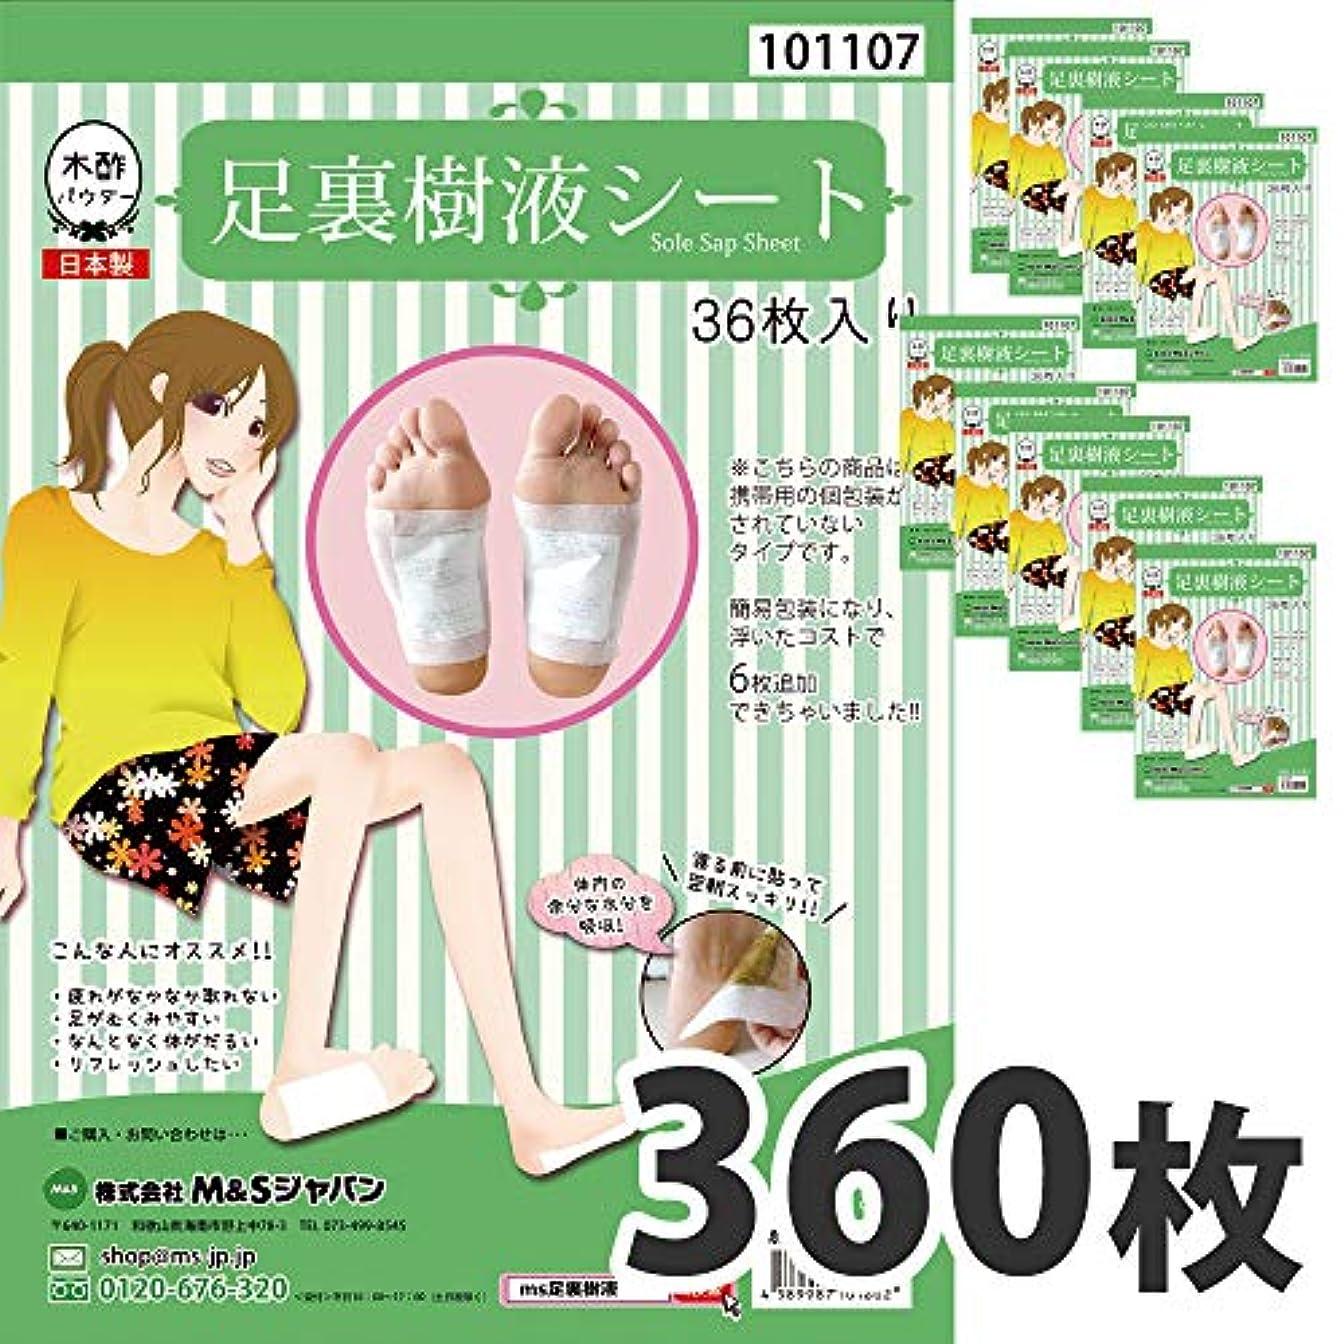 被害者口述失う日本製 足裏樹液シート 足裏シート お得 人気 樹液シート 足裏 (360枚入り)